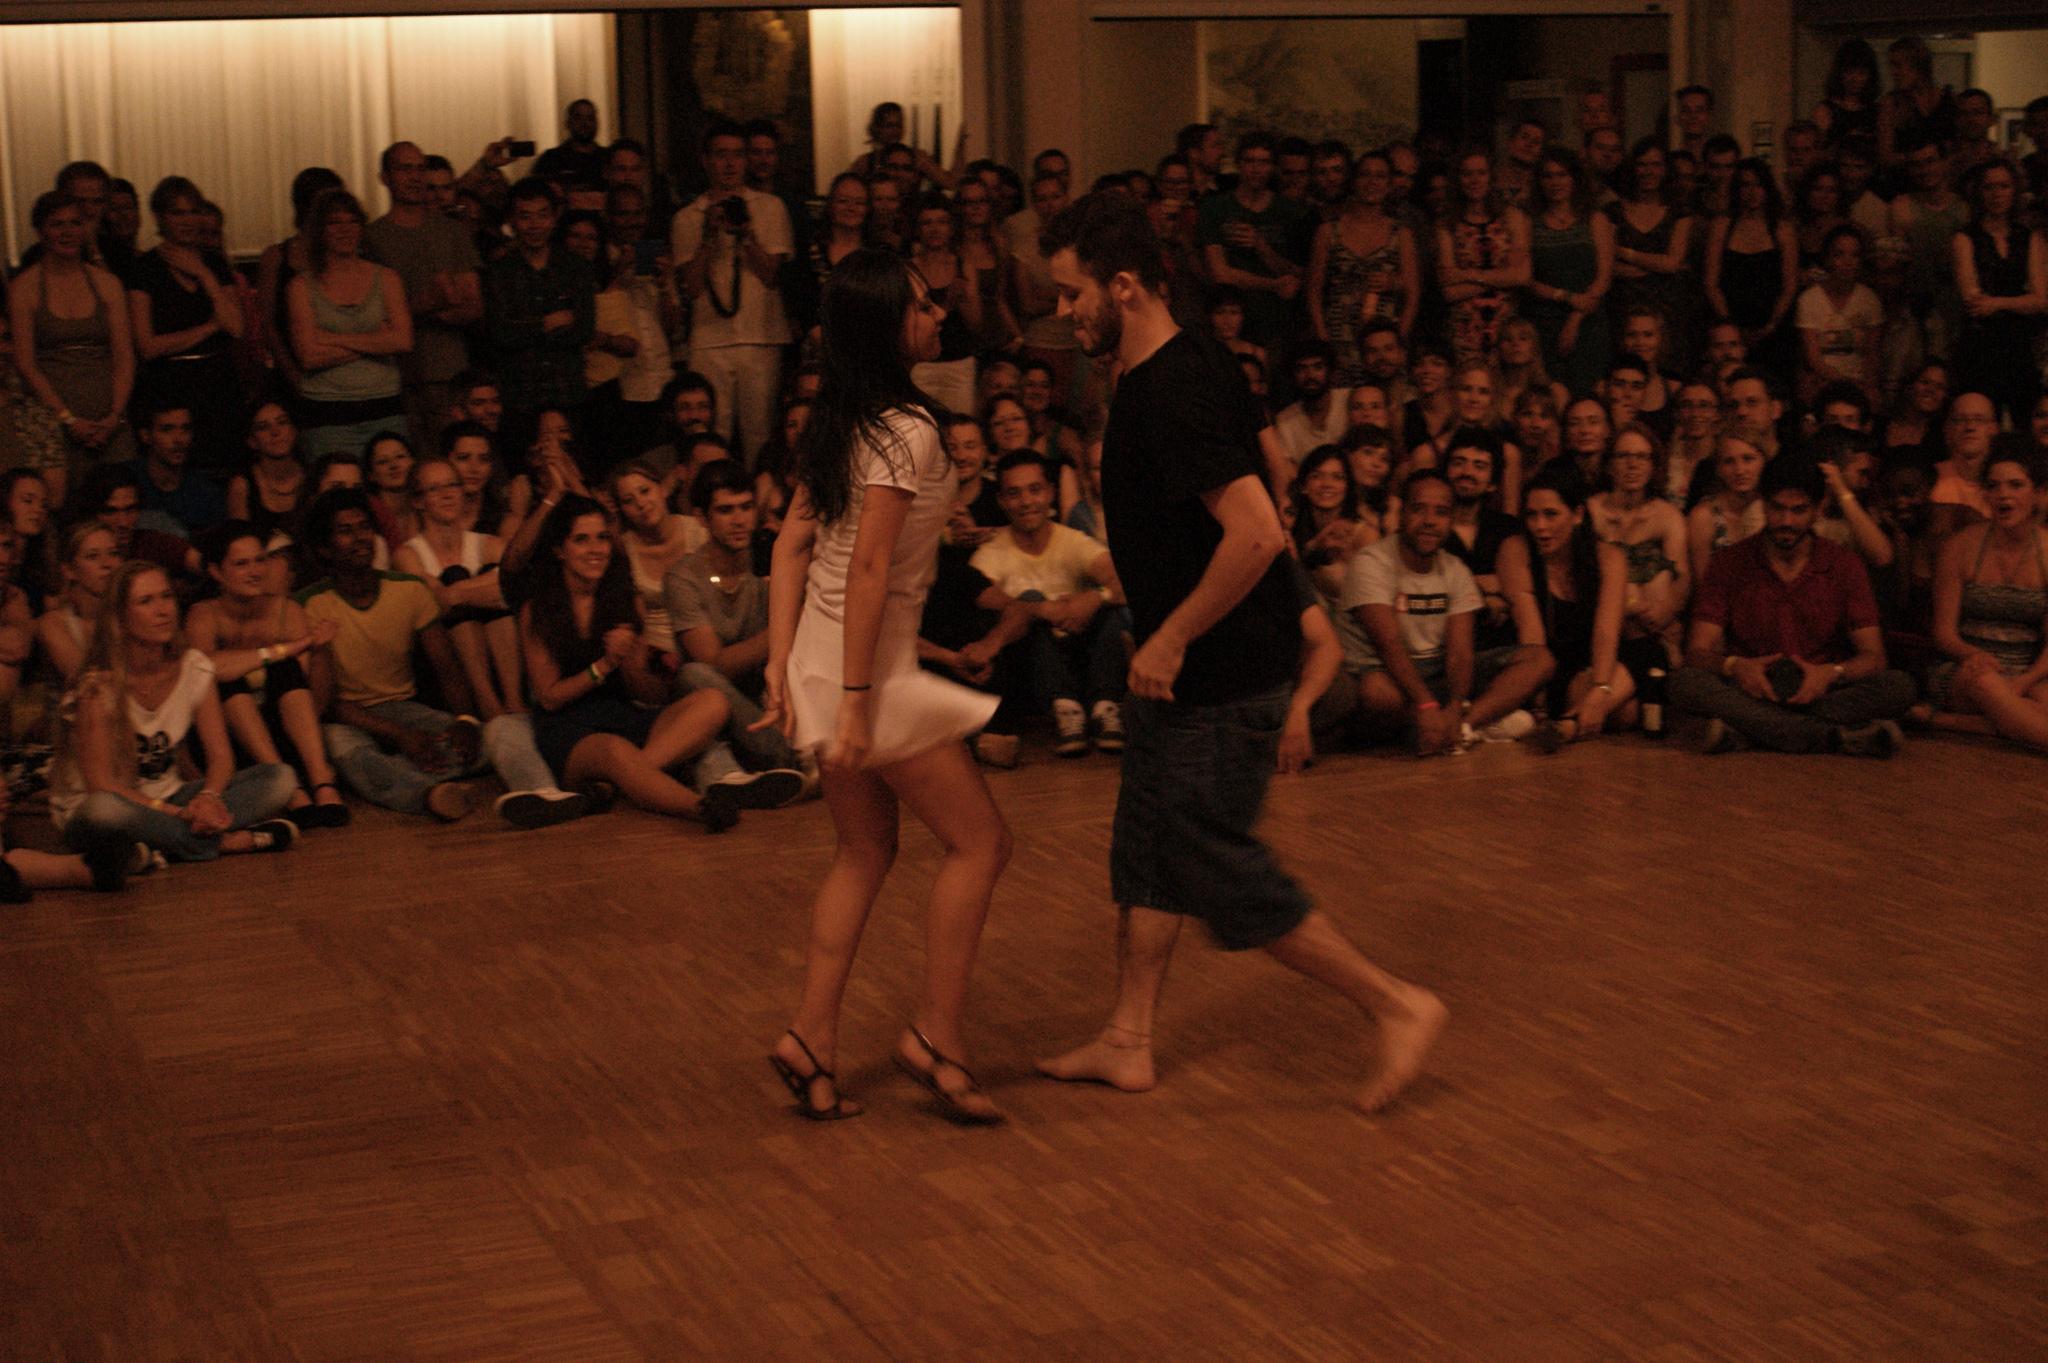 https://forrofestival.com/wp-content/uploads/2014/06/16539207761_b1a6903e1a_k.jpg